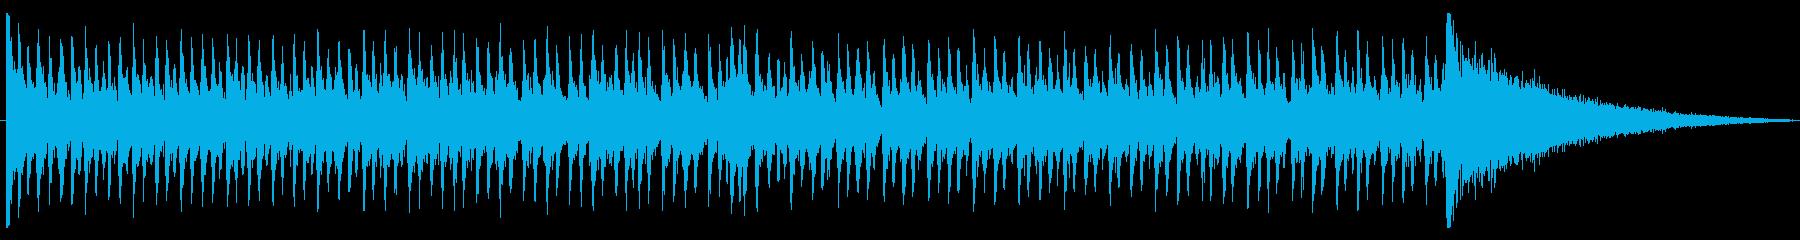 結果発表 盛り上がるドラムロール②の再生済みの波形